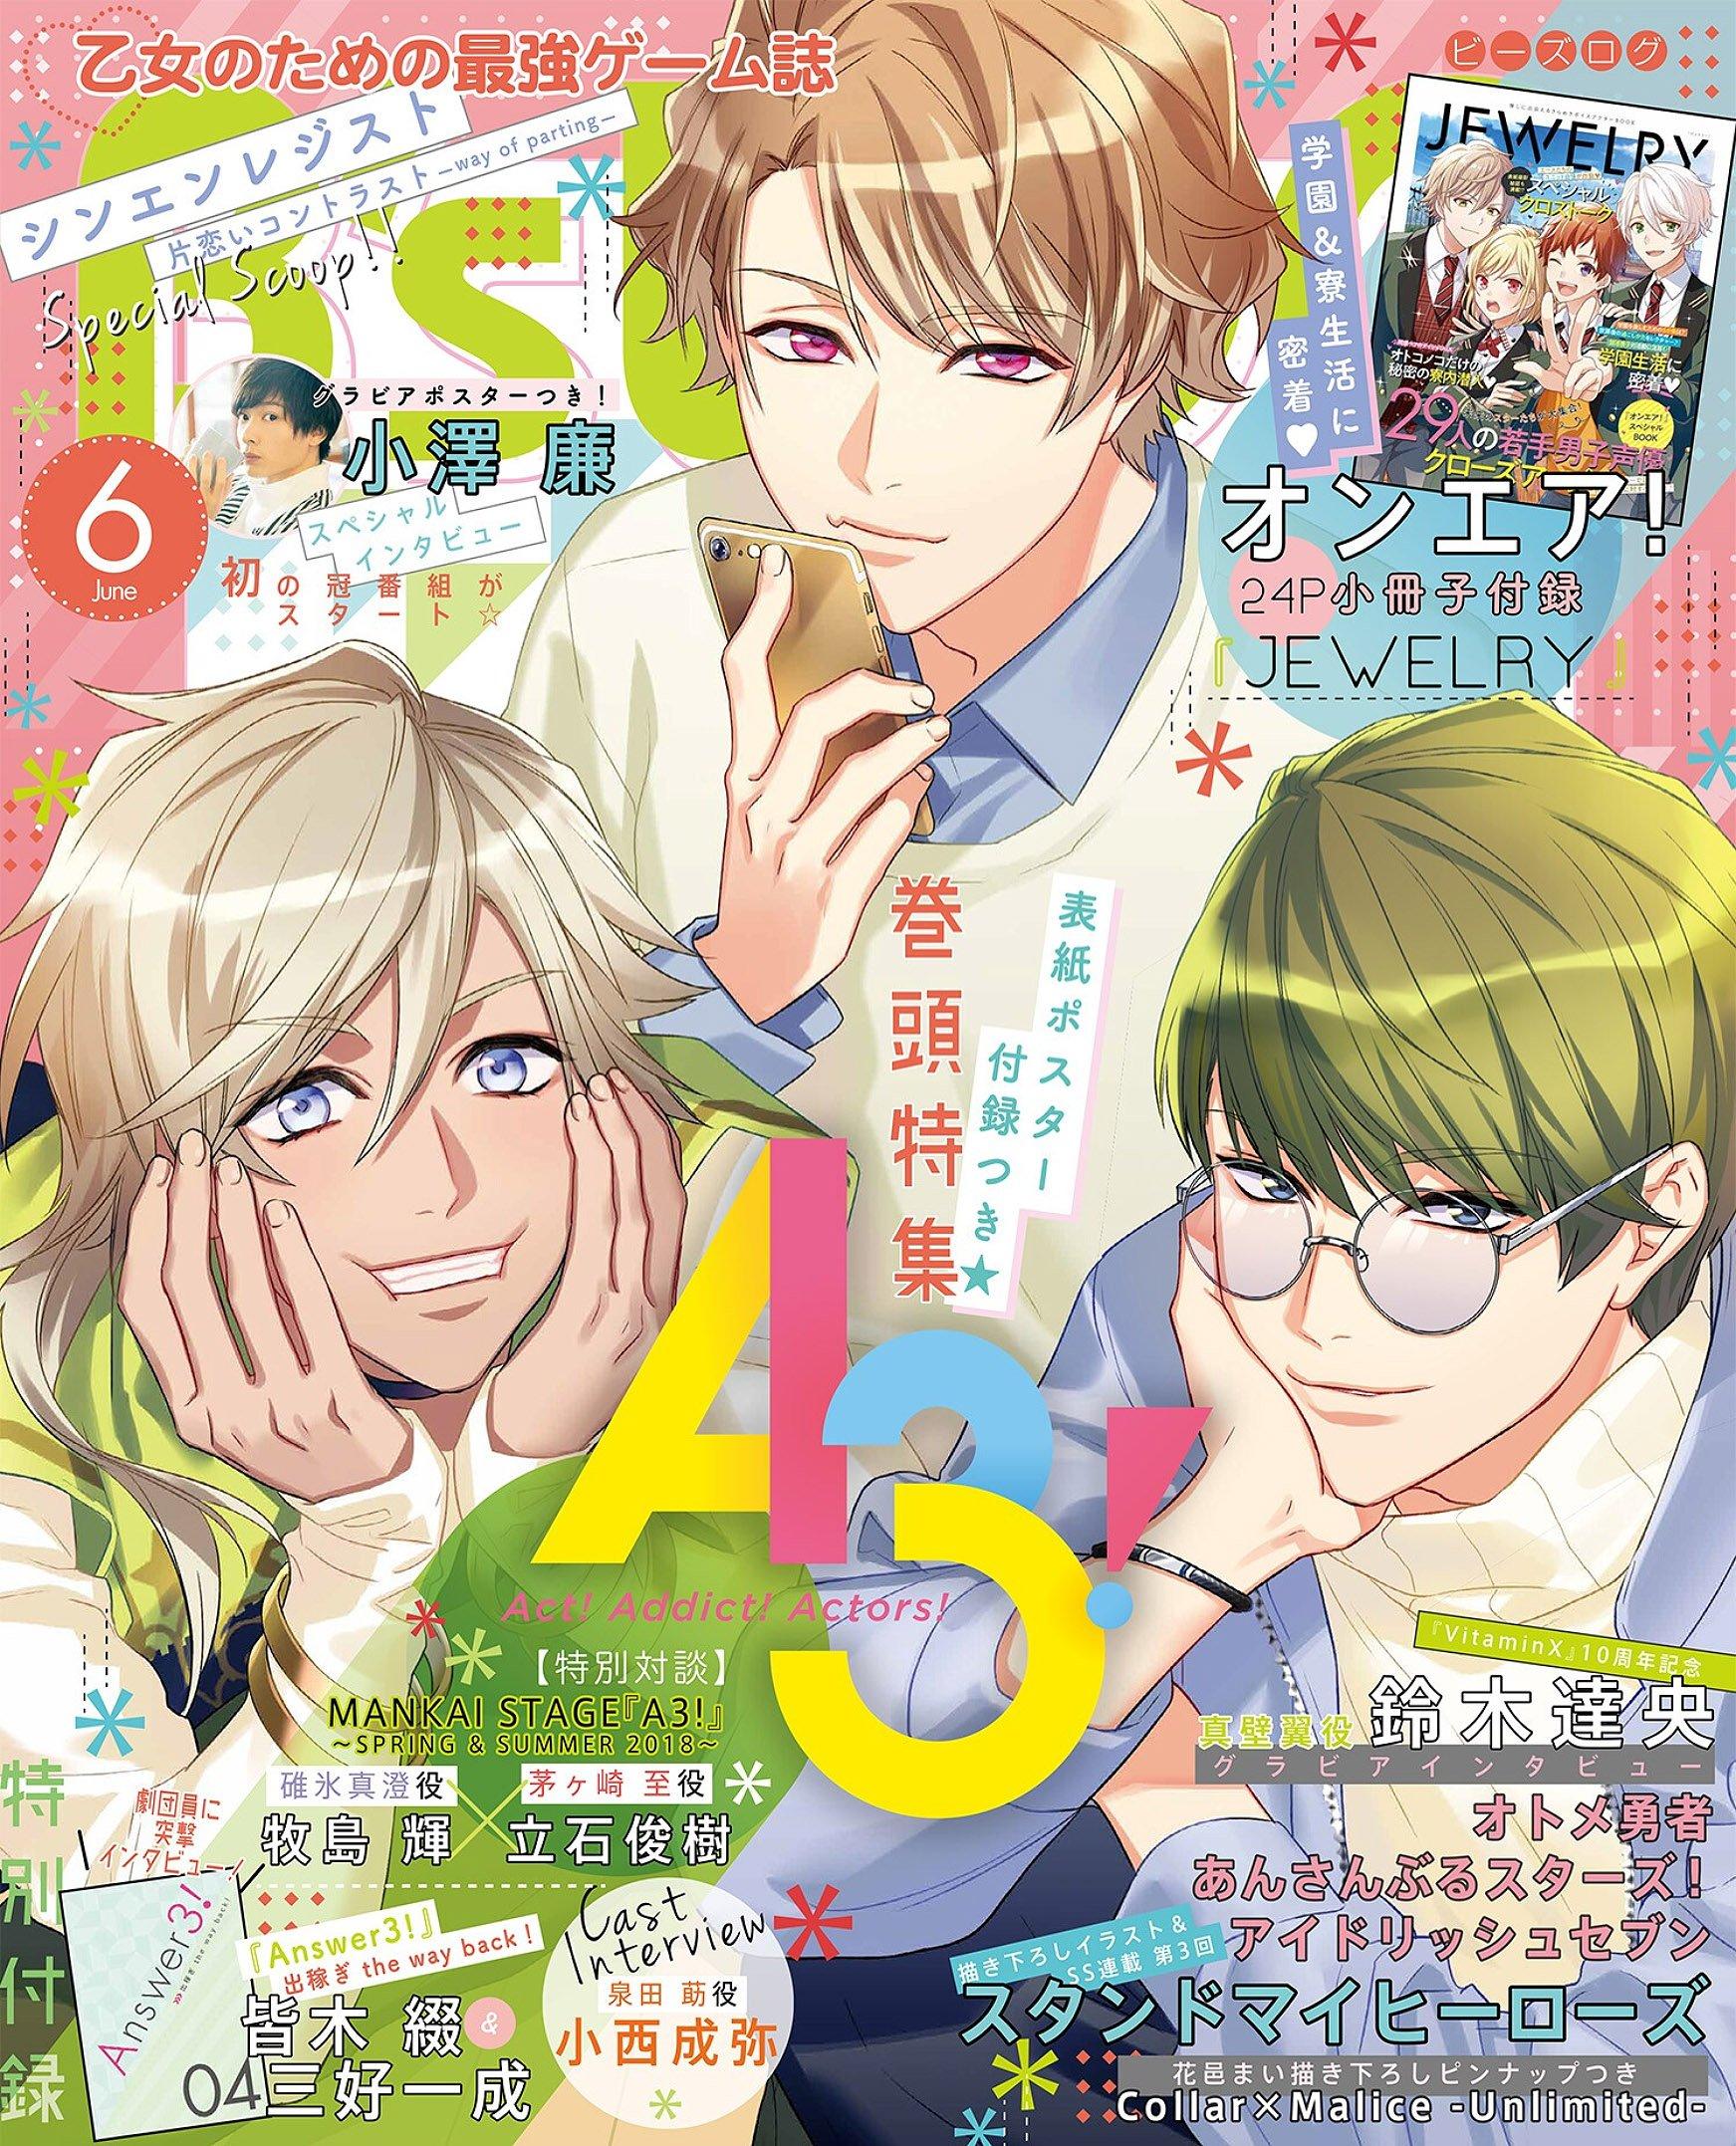 B's-LOG Issue 181 (June 2018)